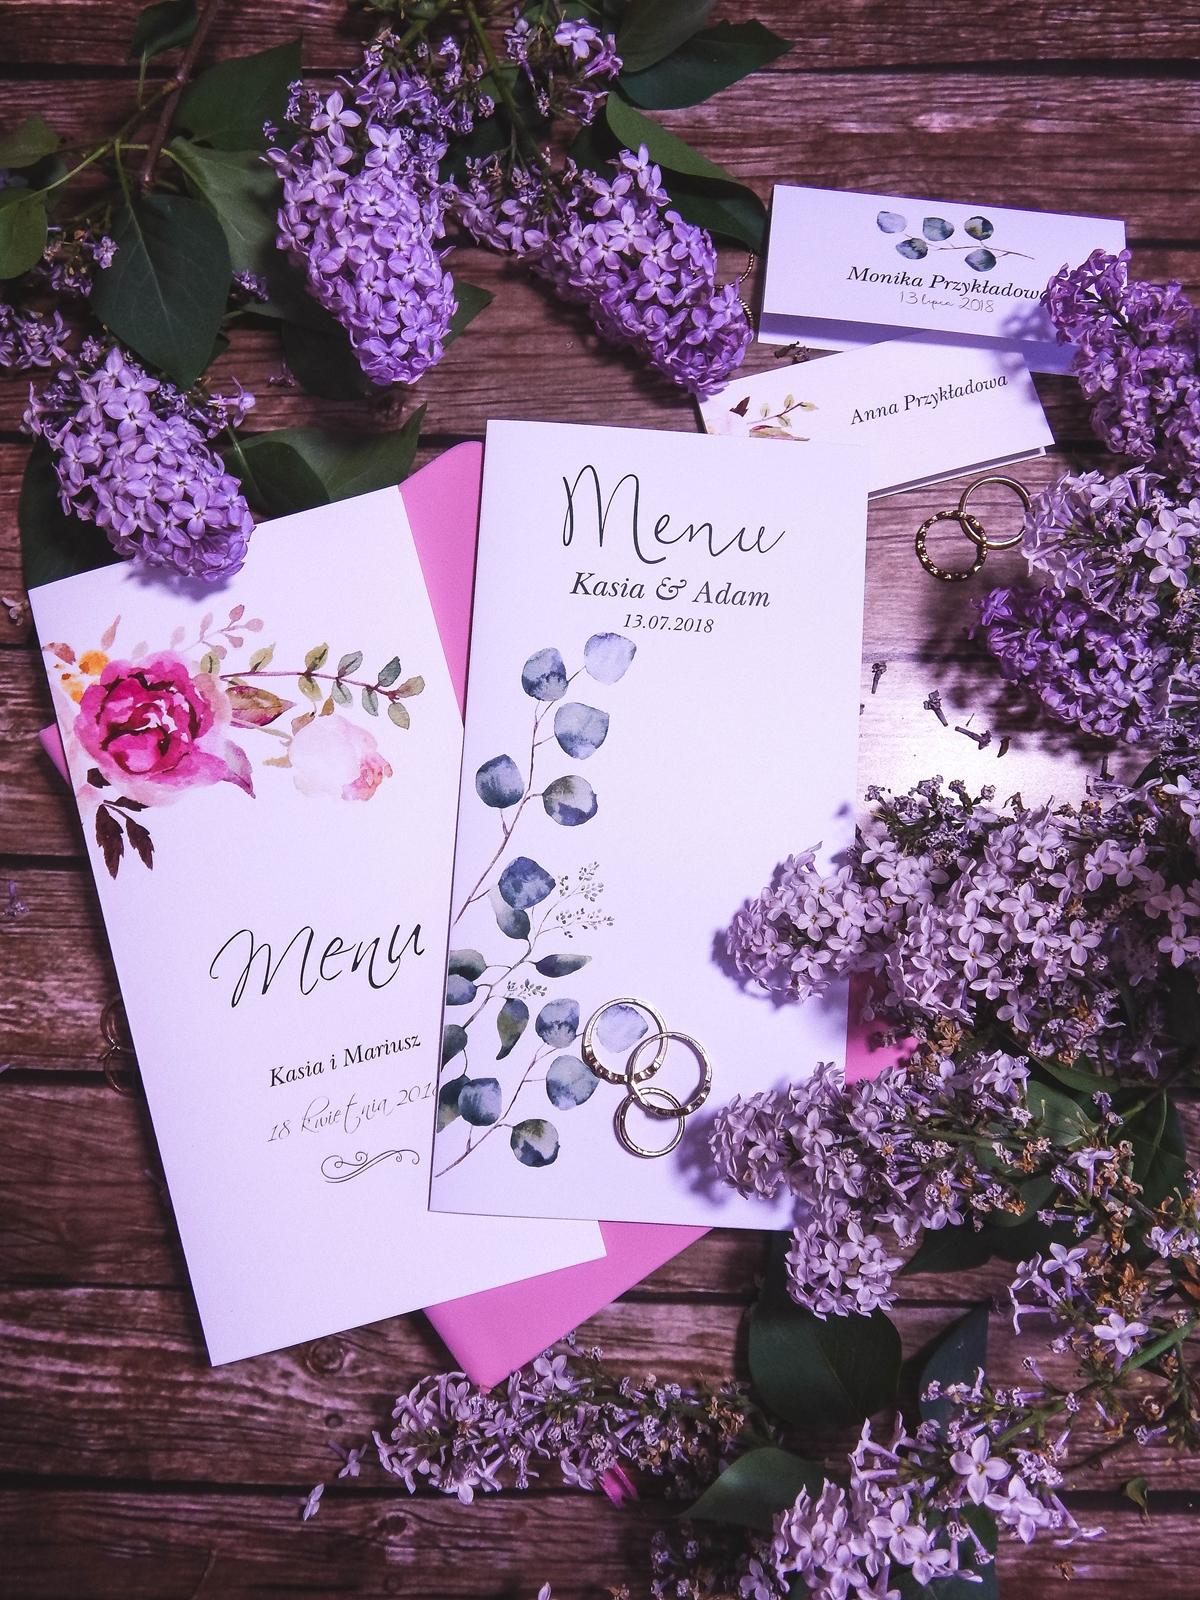 4 jak usadzić goście na weselu zasady rozsadzania gości jak dobrać winietki menu numery na stoły weselne